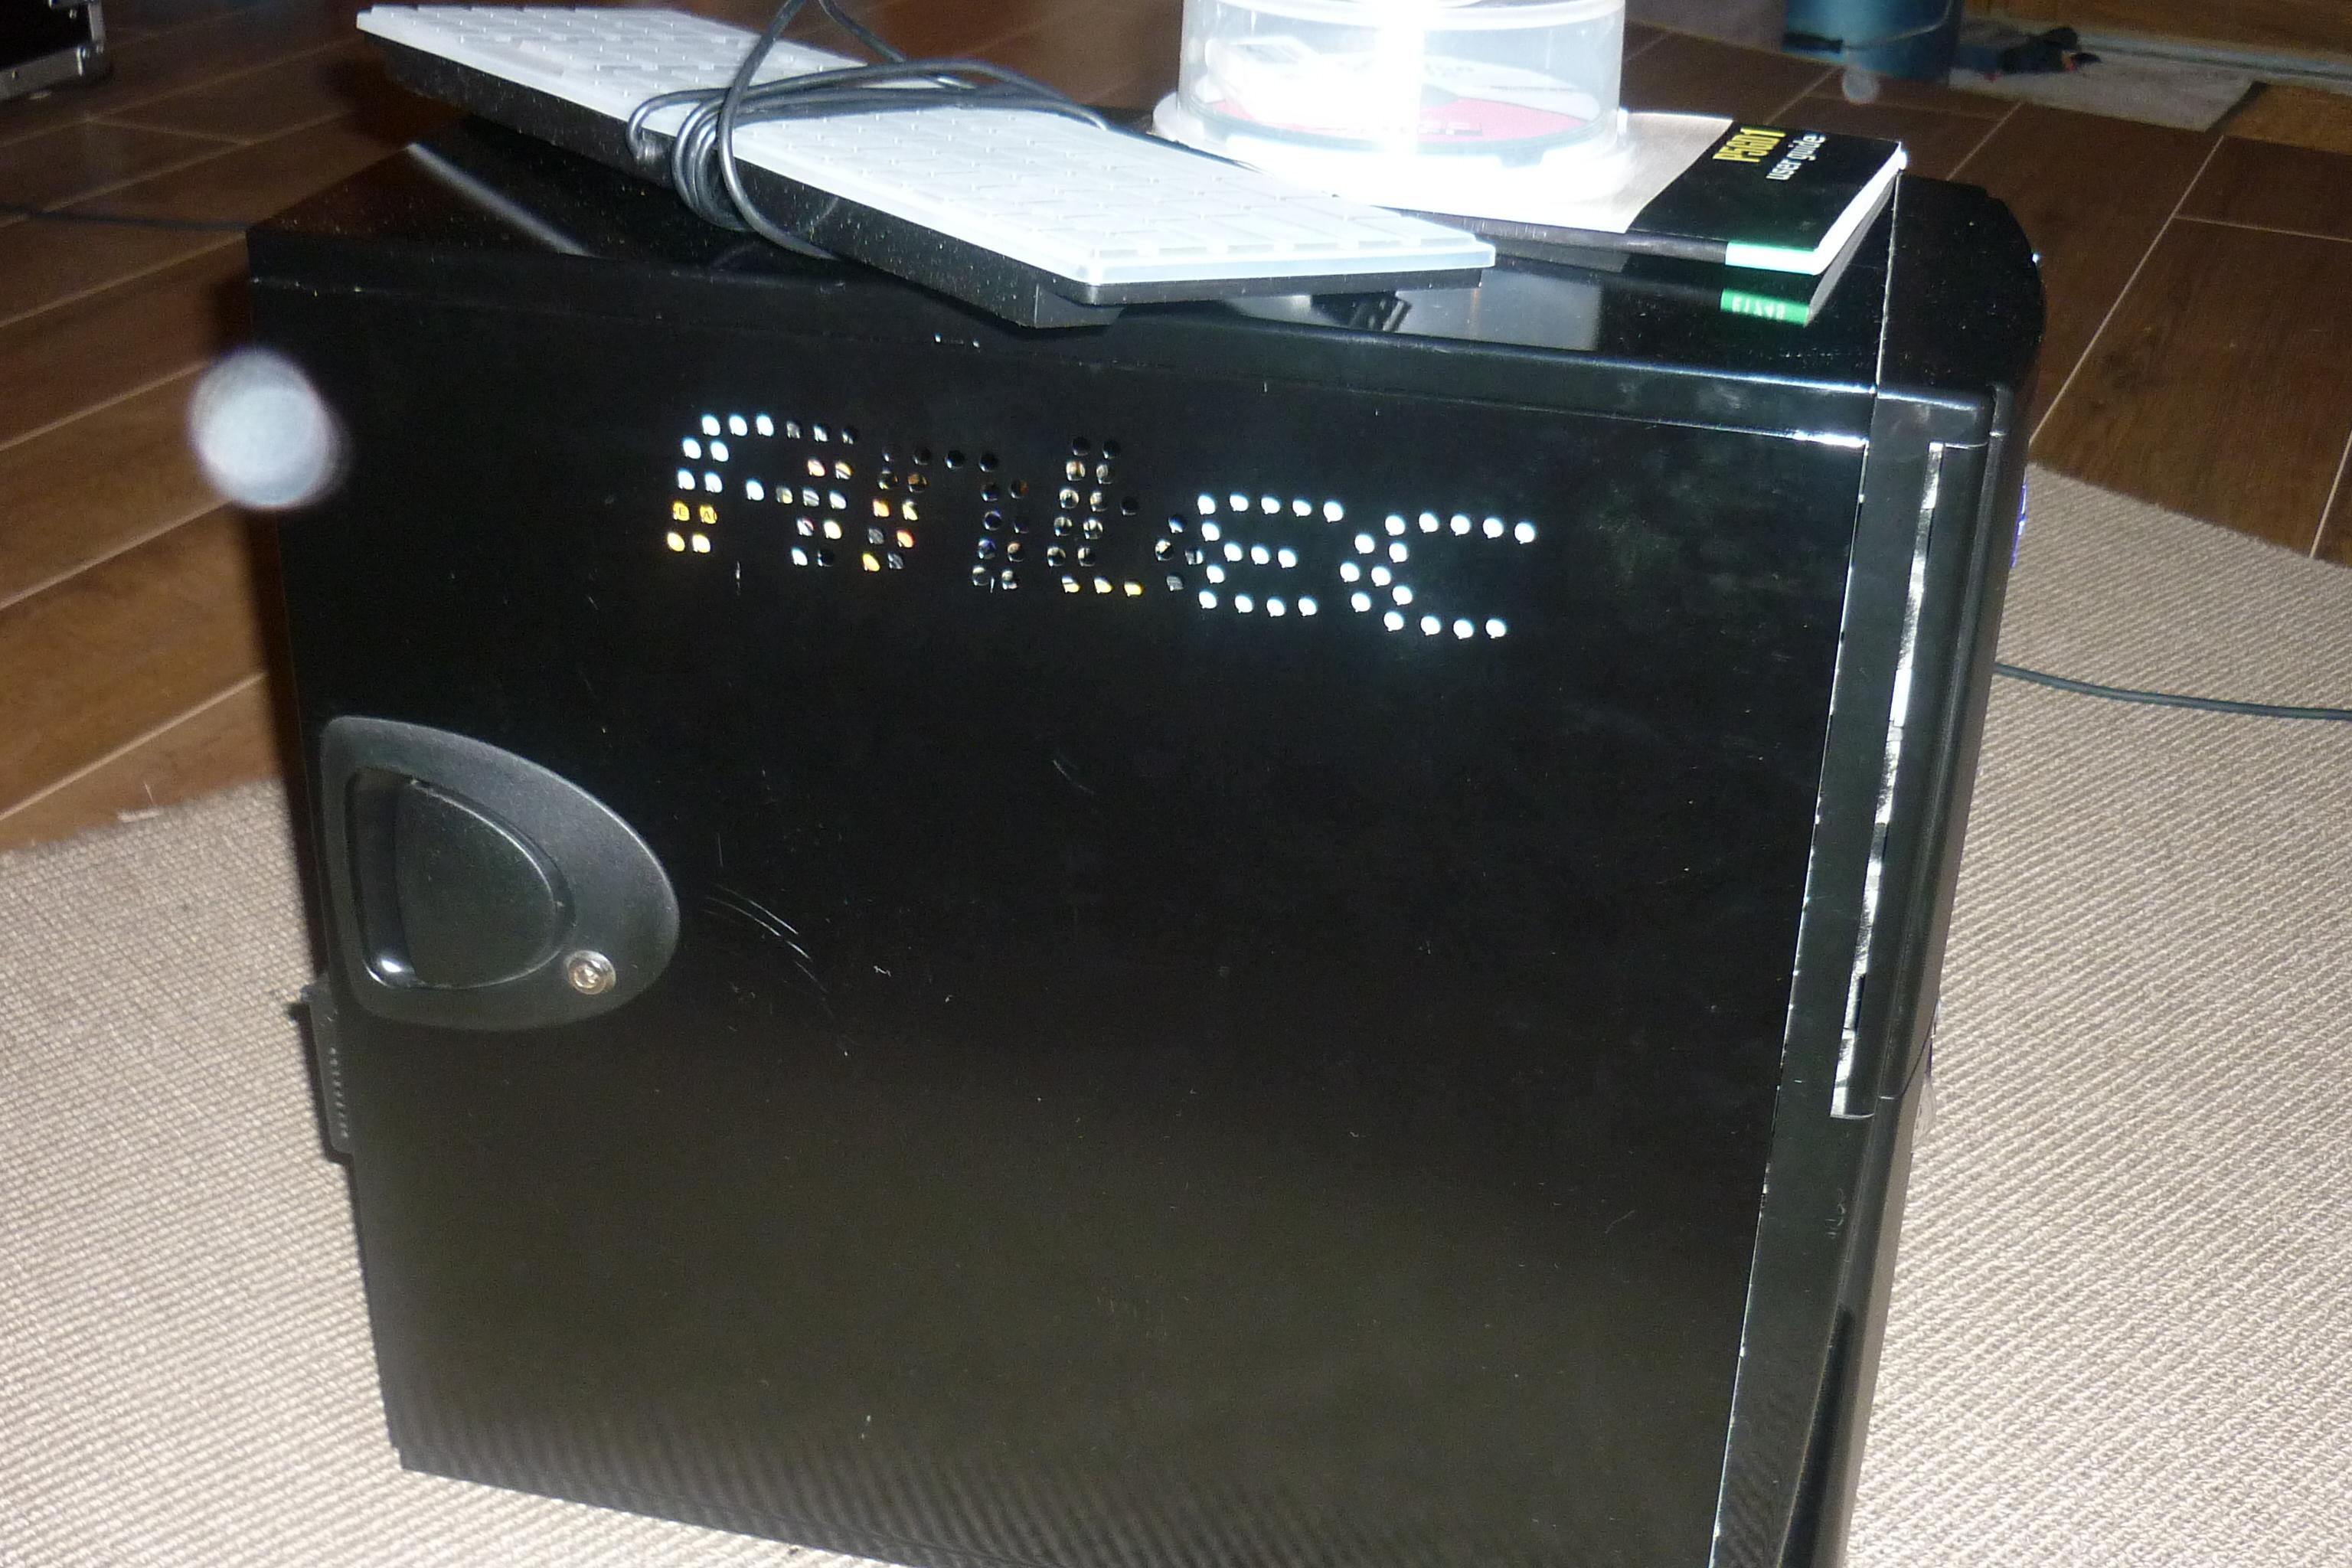 unit centrale antec sonata configur e pour mao pentium4 winxp pro languedoc roussillon. Black Bedroom Furniture Sets. Home Design Ideas